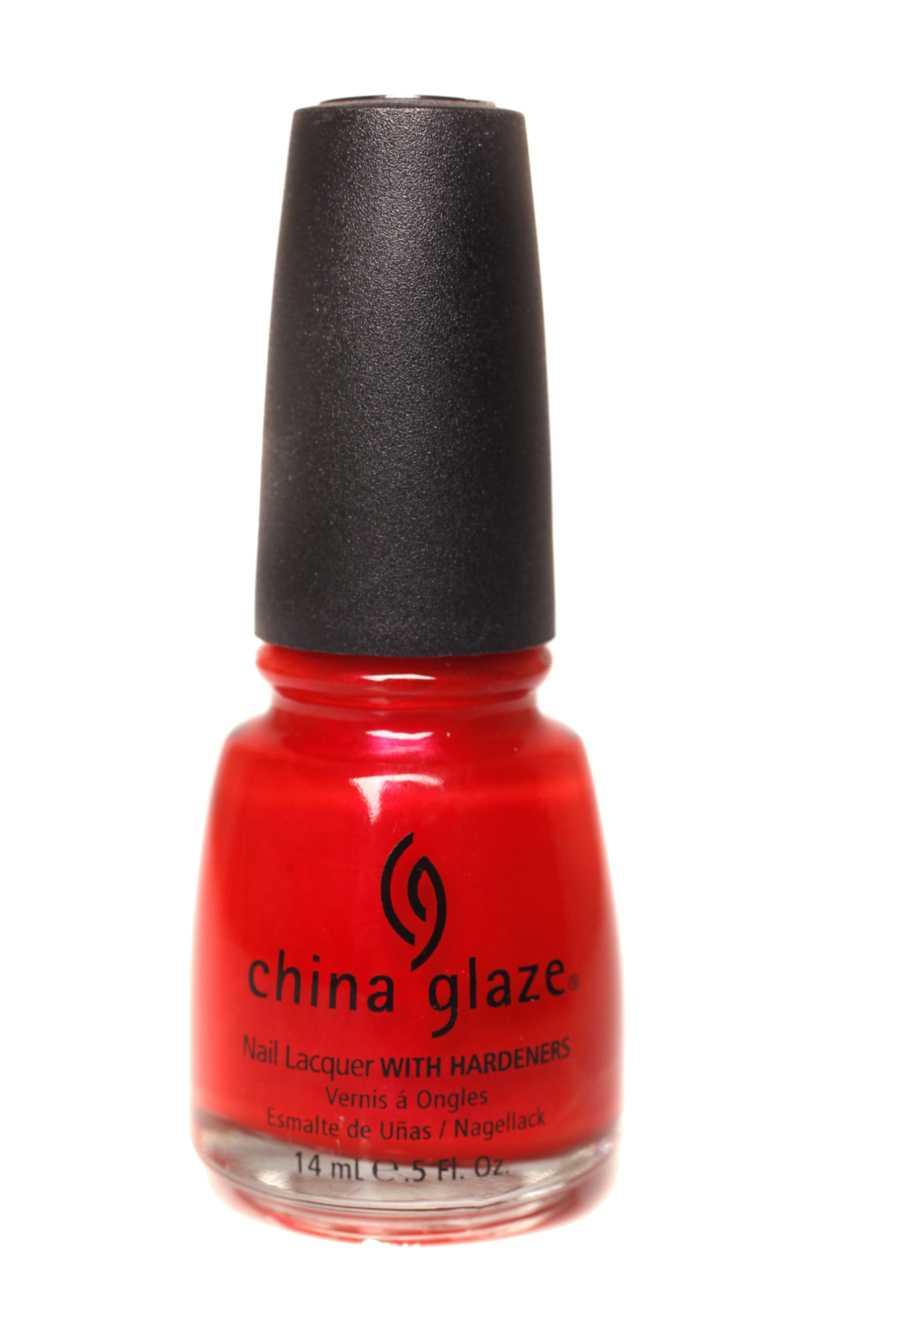 China glace nagellack, 98 kr/st.